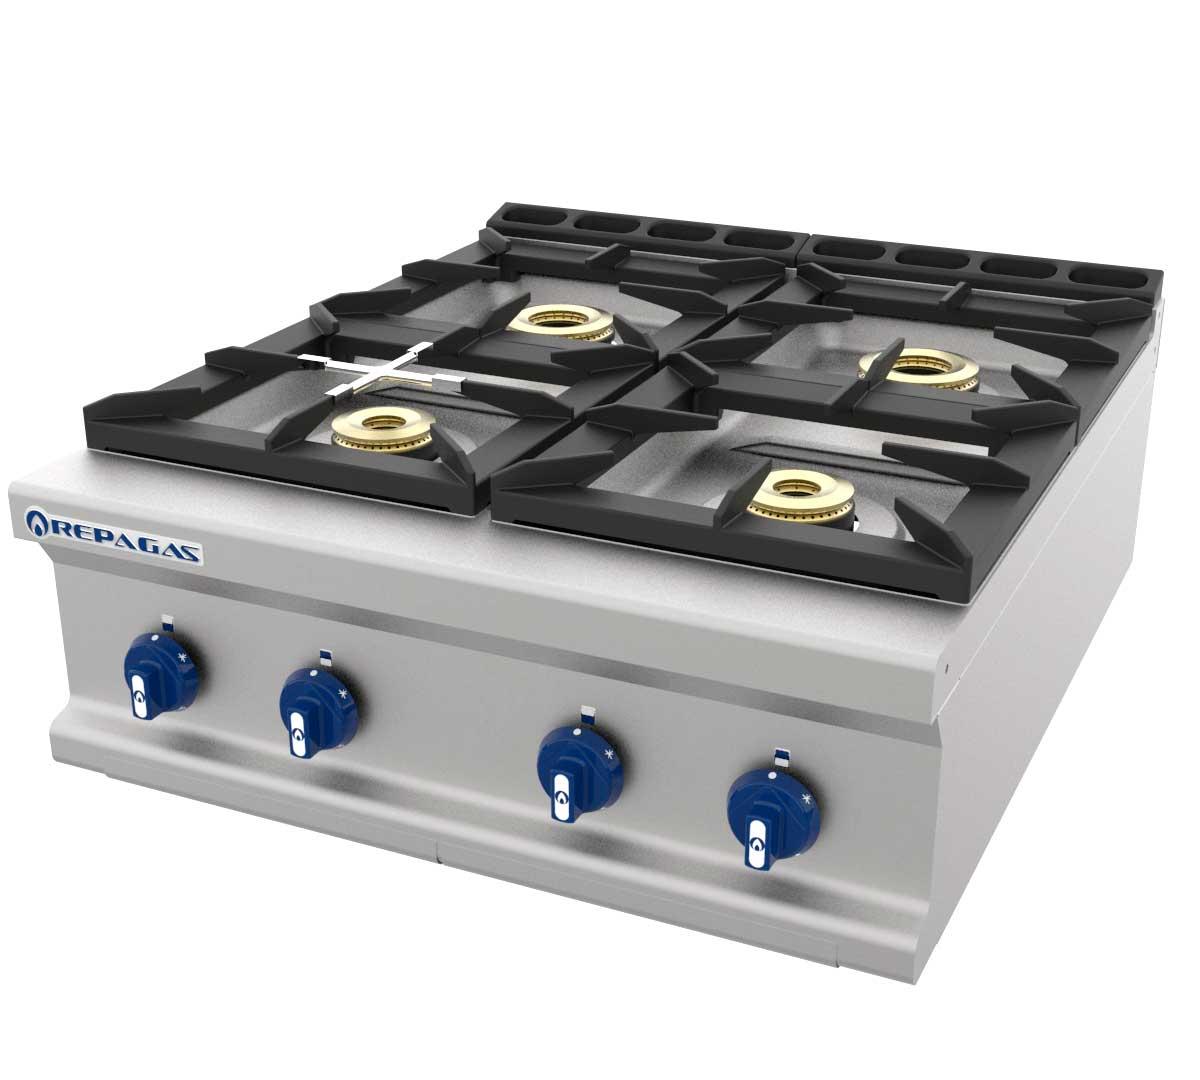 Cocina Serie 900 Sobremesa Gas de Repagas